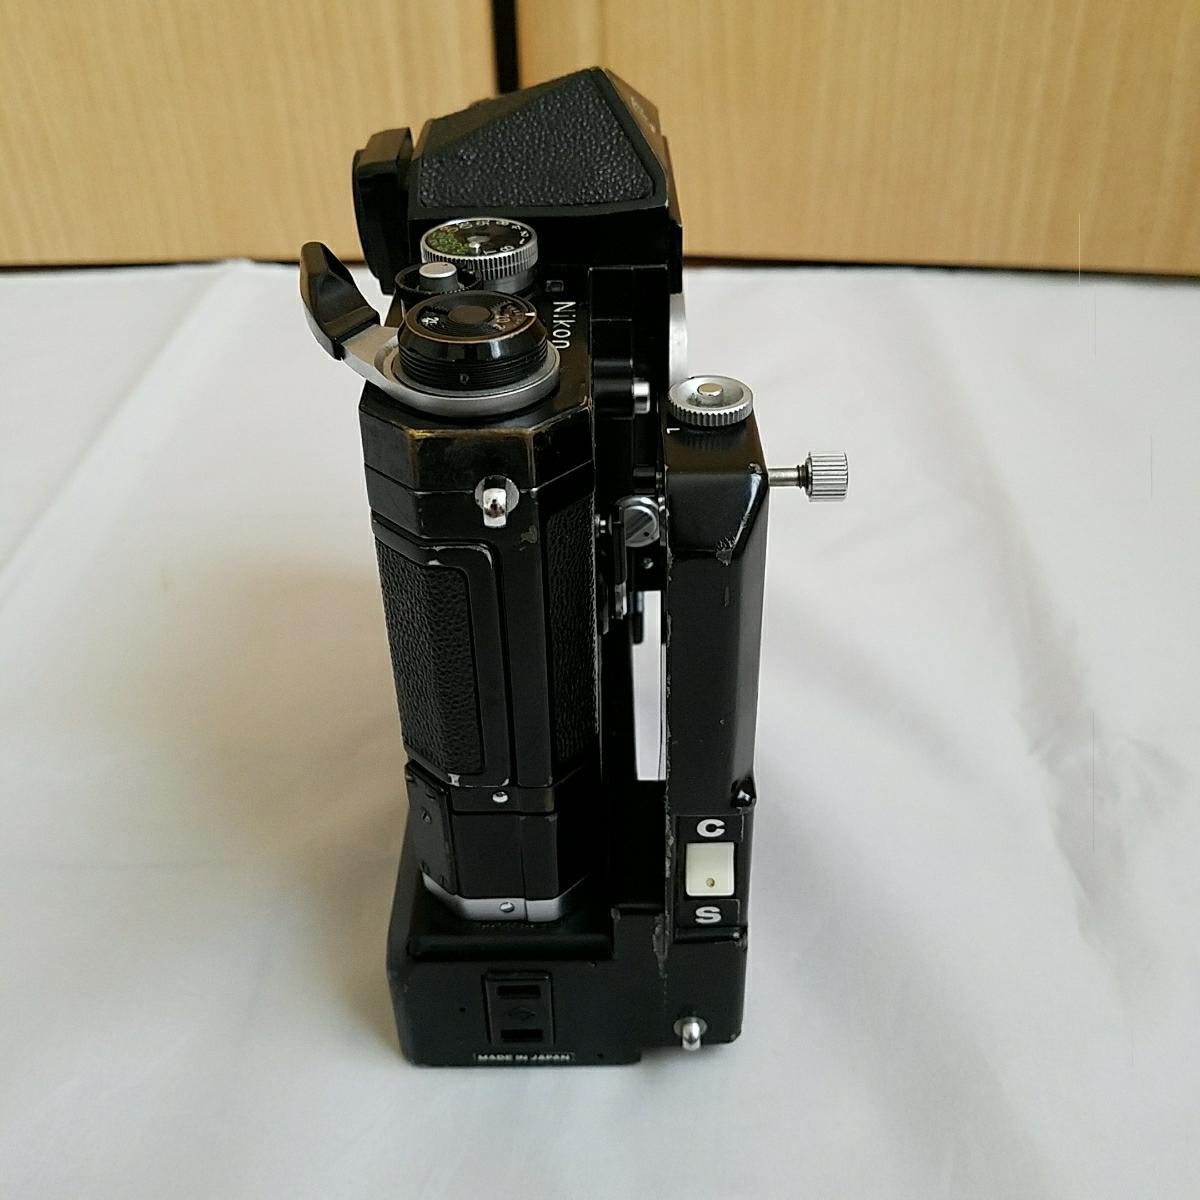 ニコン Nikon F アイレベル F36 MOTOR DRIVE フィルムカメラ_画像3